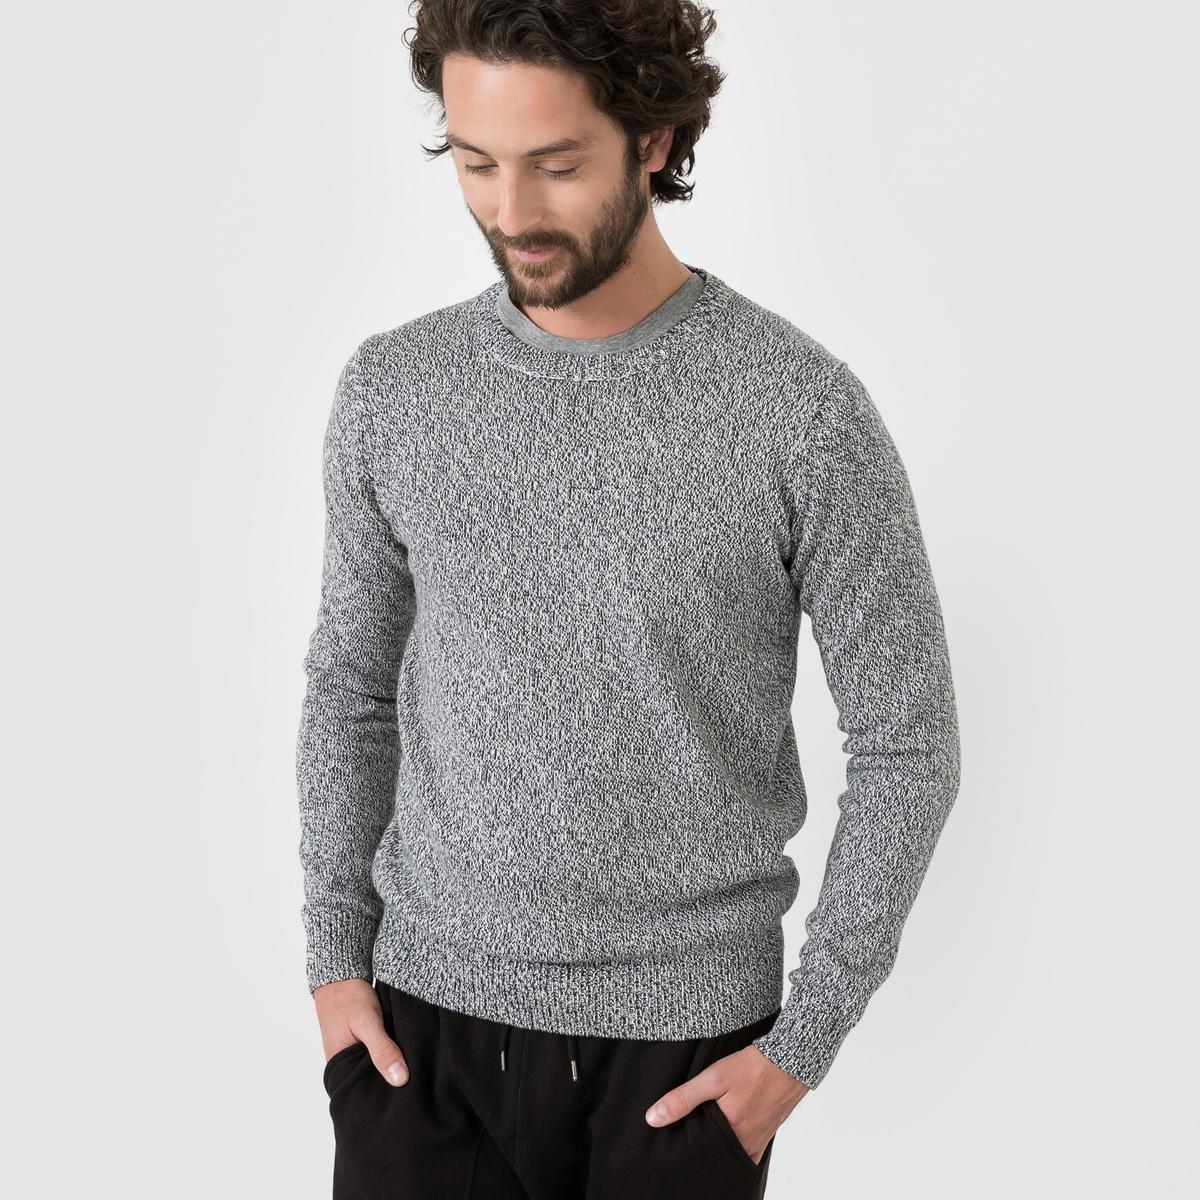 Пуловер из трикотажа мулинеСостав и описание:Материал: 100% хлопка.Марка: R edition<br><br>Цвет: бордовый/экрю,серый меланж<br>Размер: 3XL